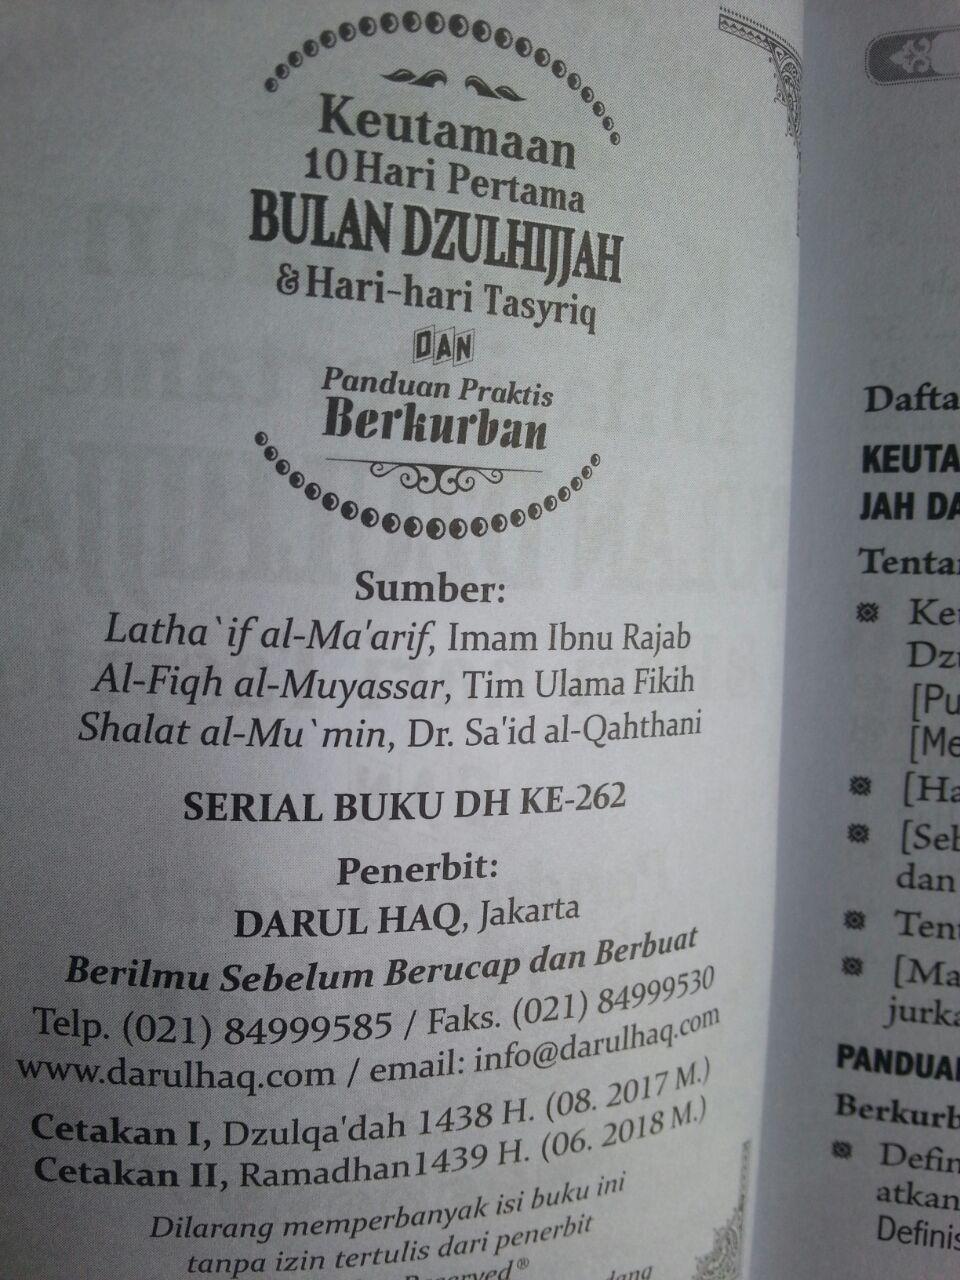 Buku Saku Keutamaan 10 Hari Pertama Bulan Dzulhijjah Tasyriq Kurban isi